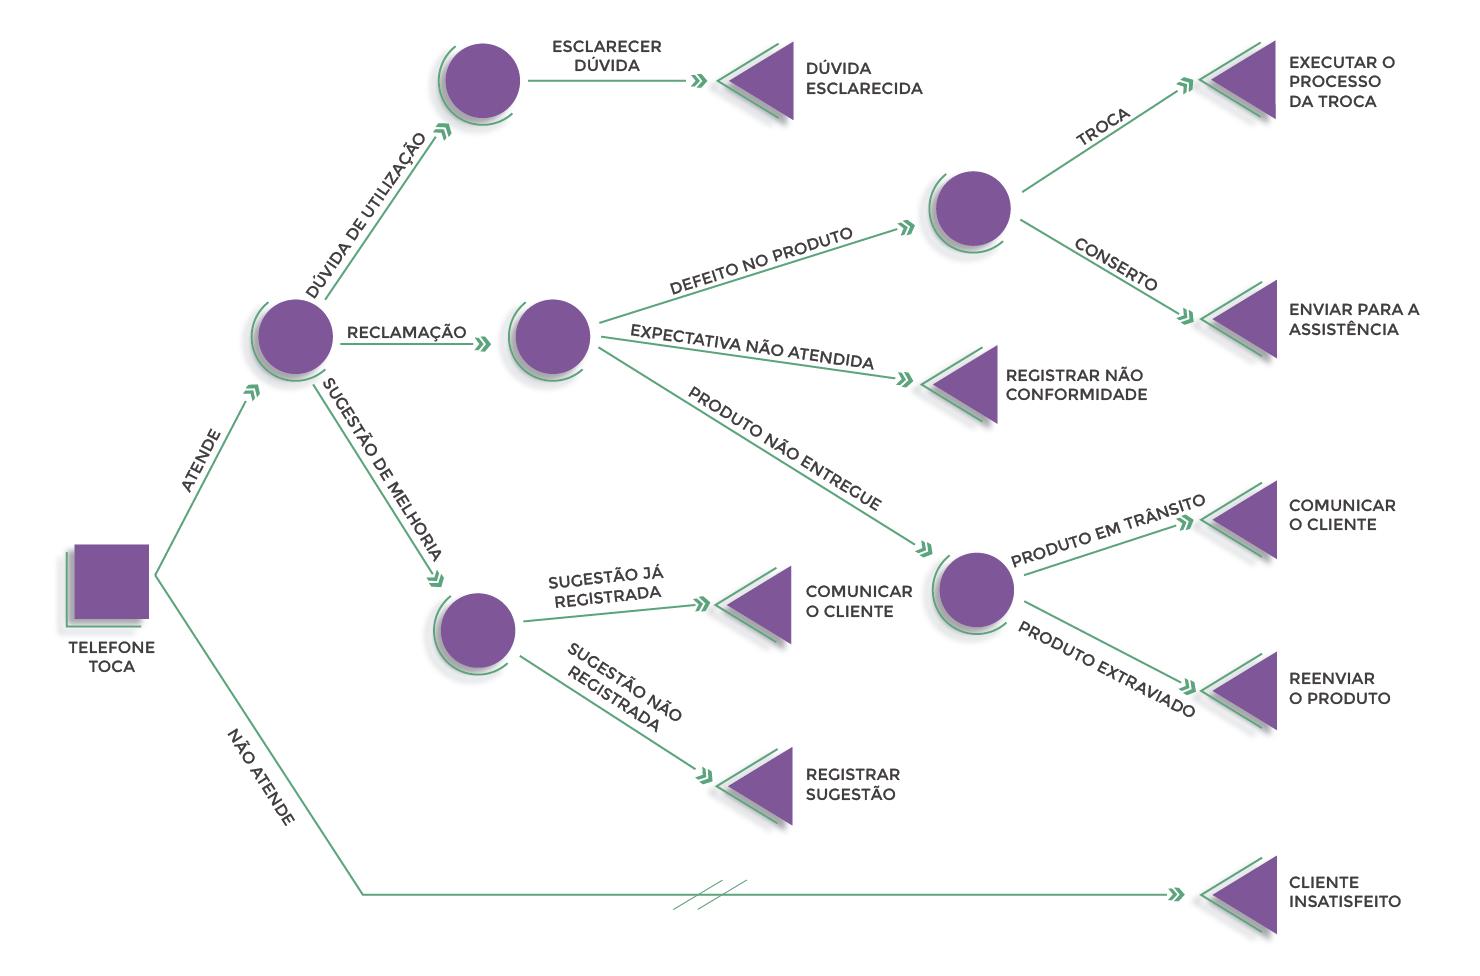 Figura 4 - Exemplo de Árvore decisória do setor de atendimento ao cliente